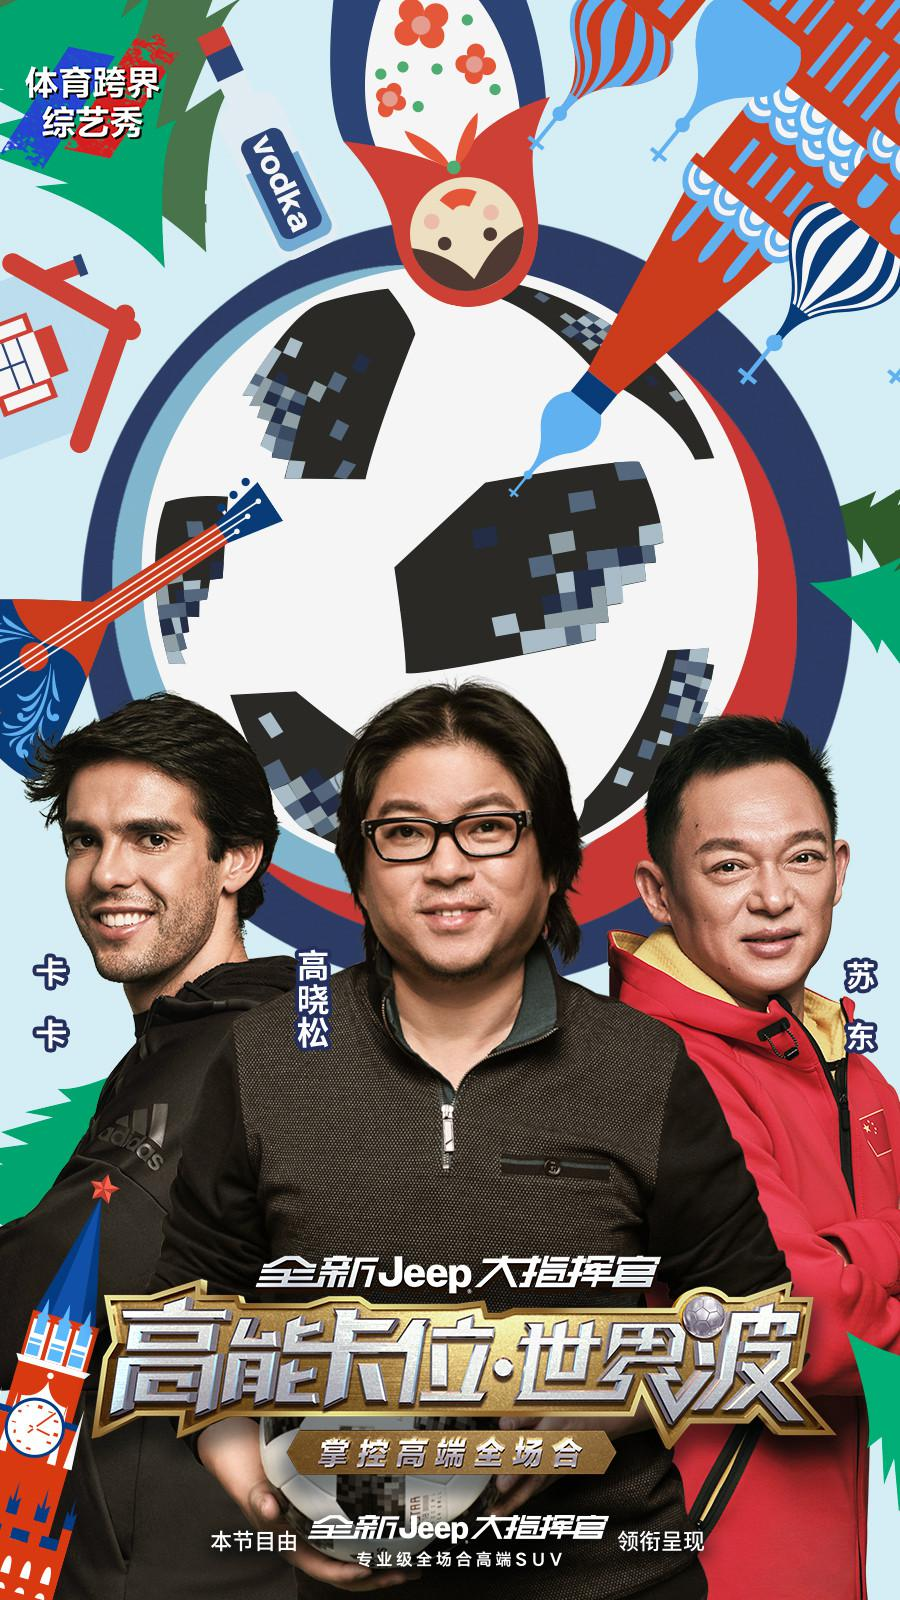 《高能卡位 世界波》三大男神携手激情探索世界杯